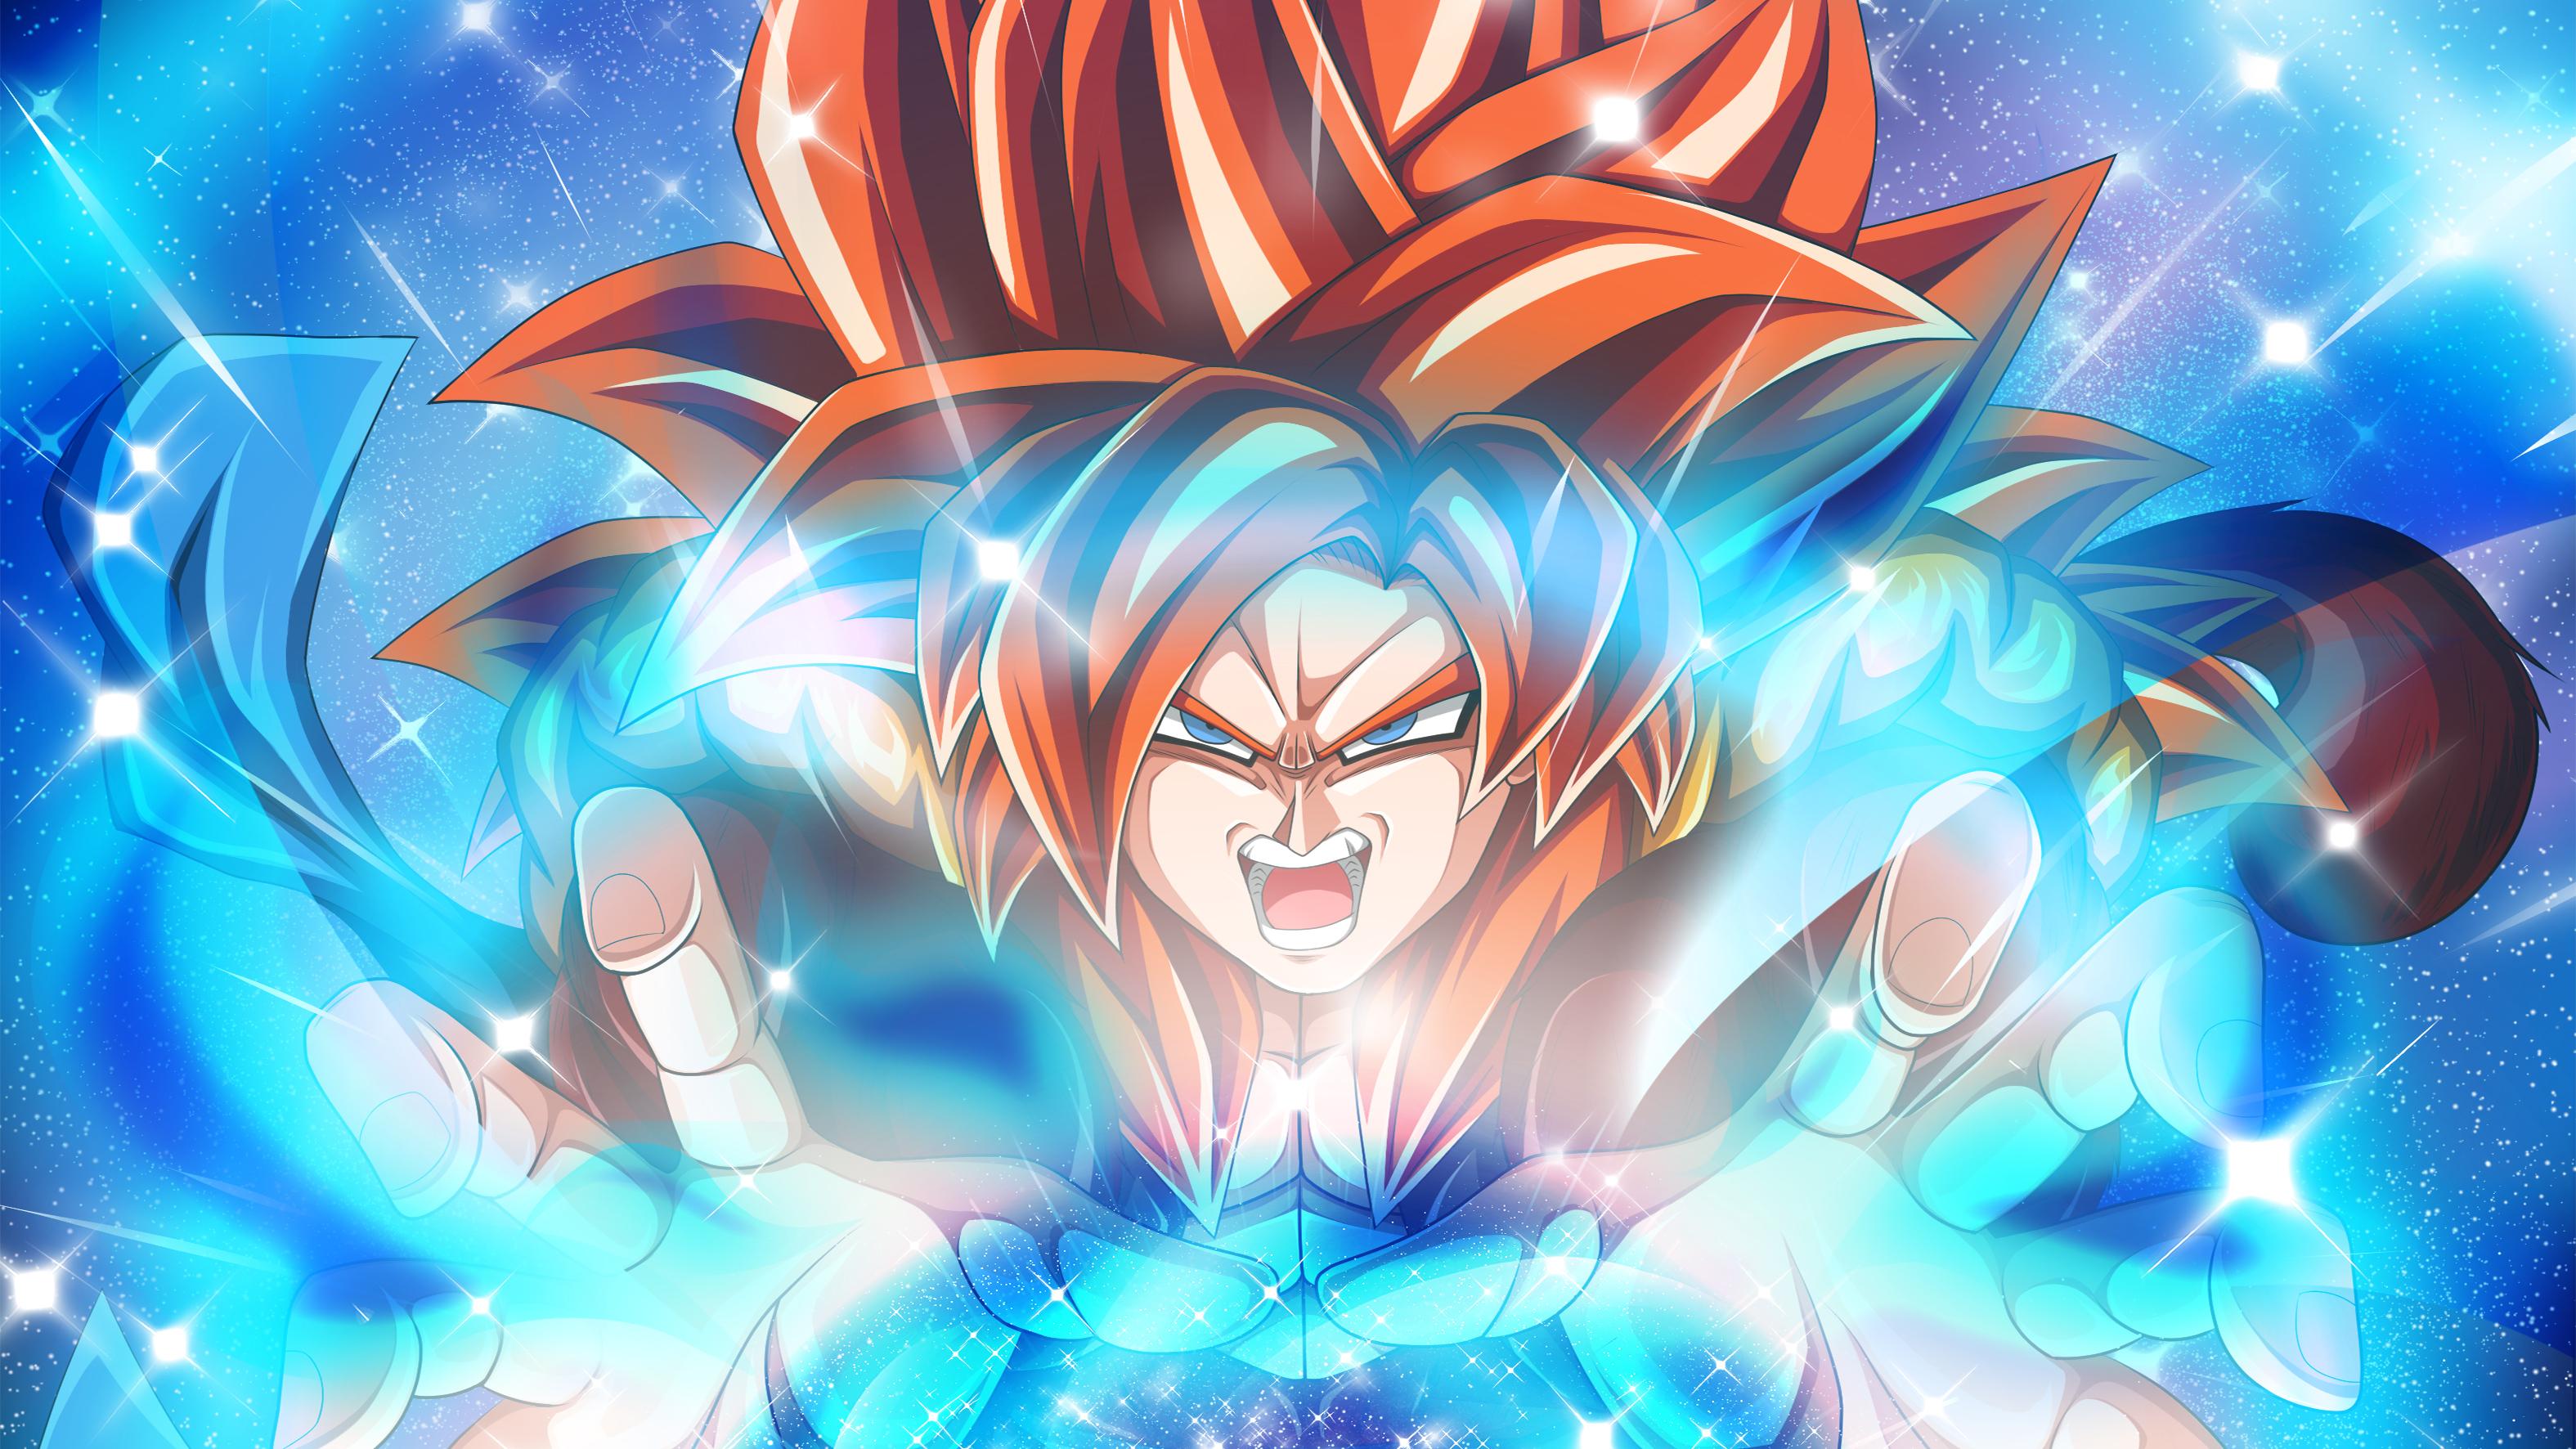 Dragon Ball Super Saiyan 4 Anime 4k Hd Games 4k Wallpapers